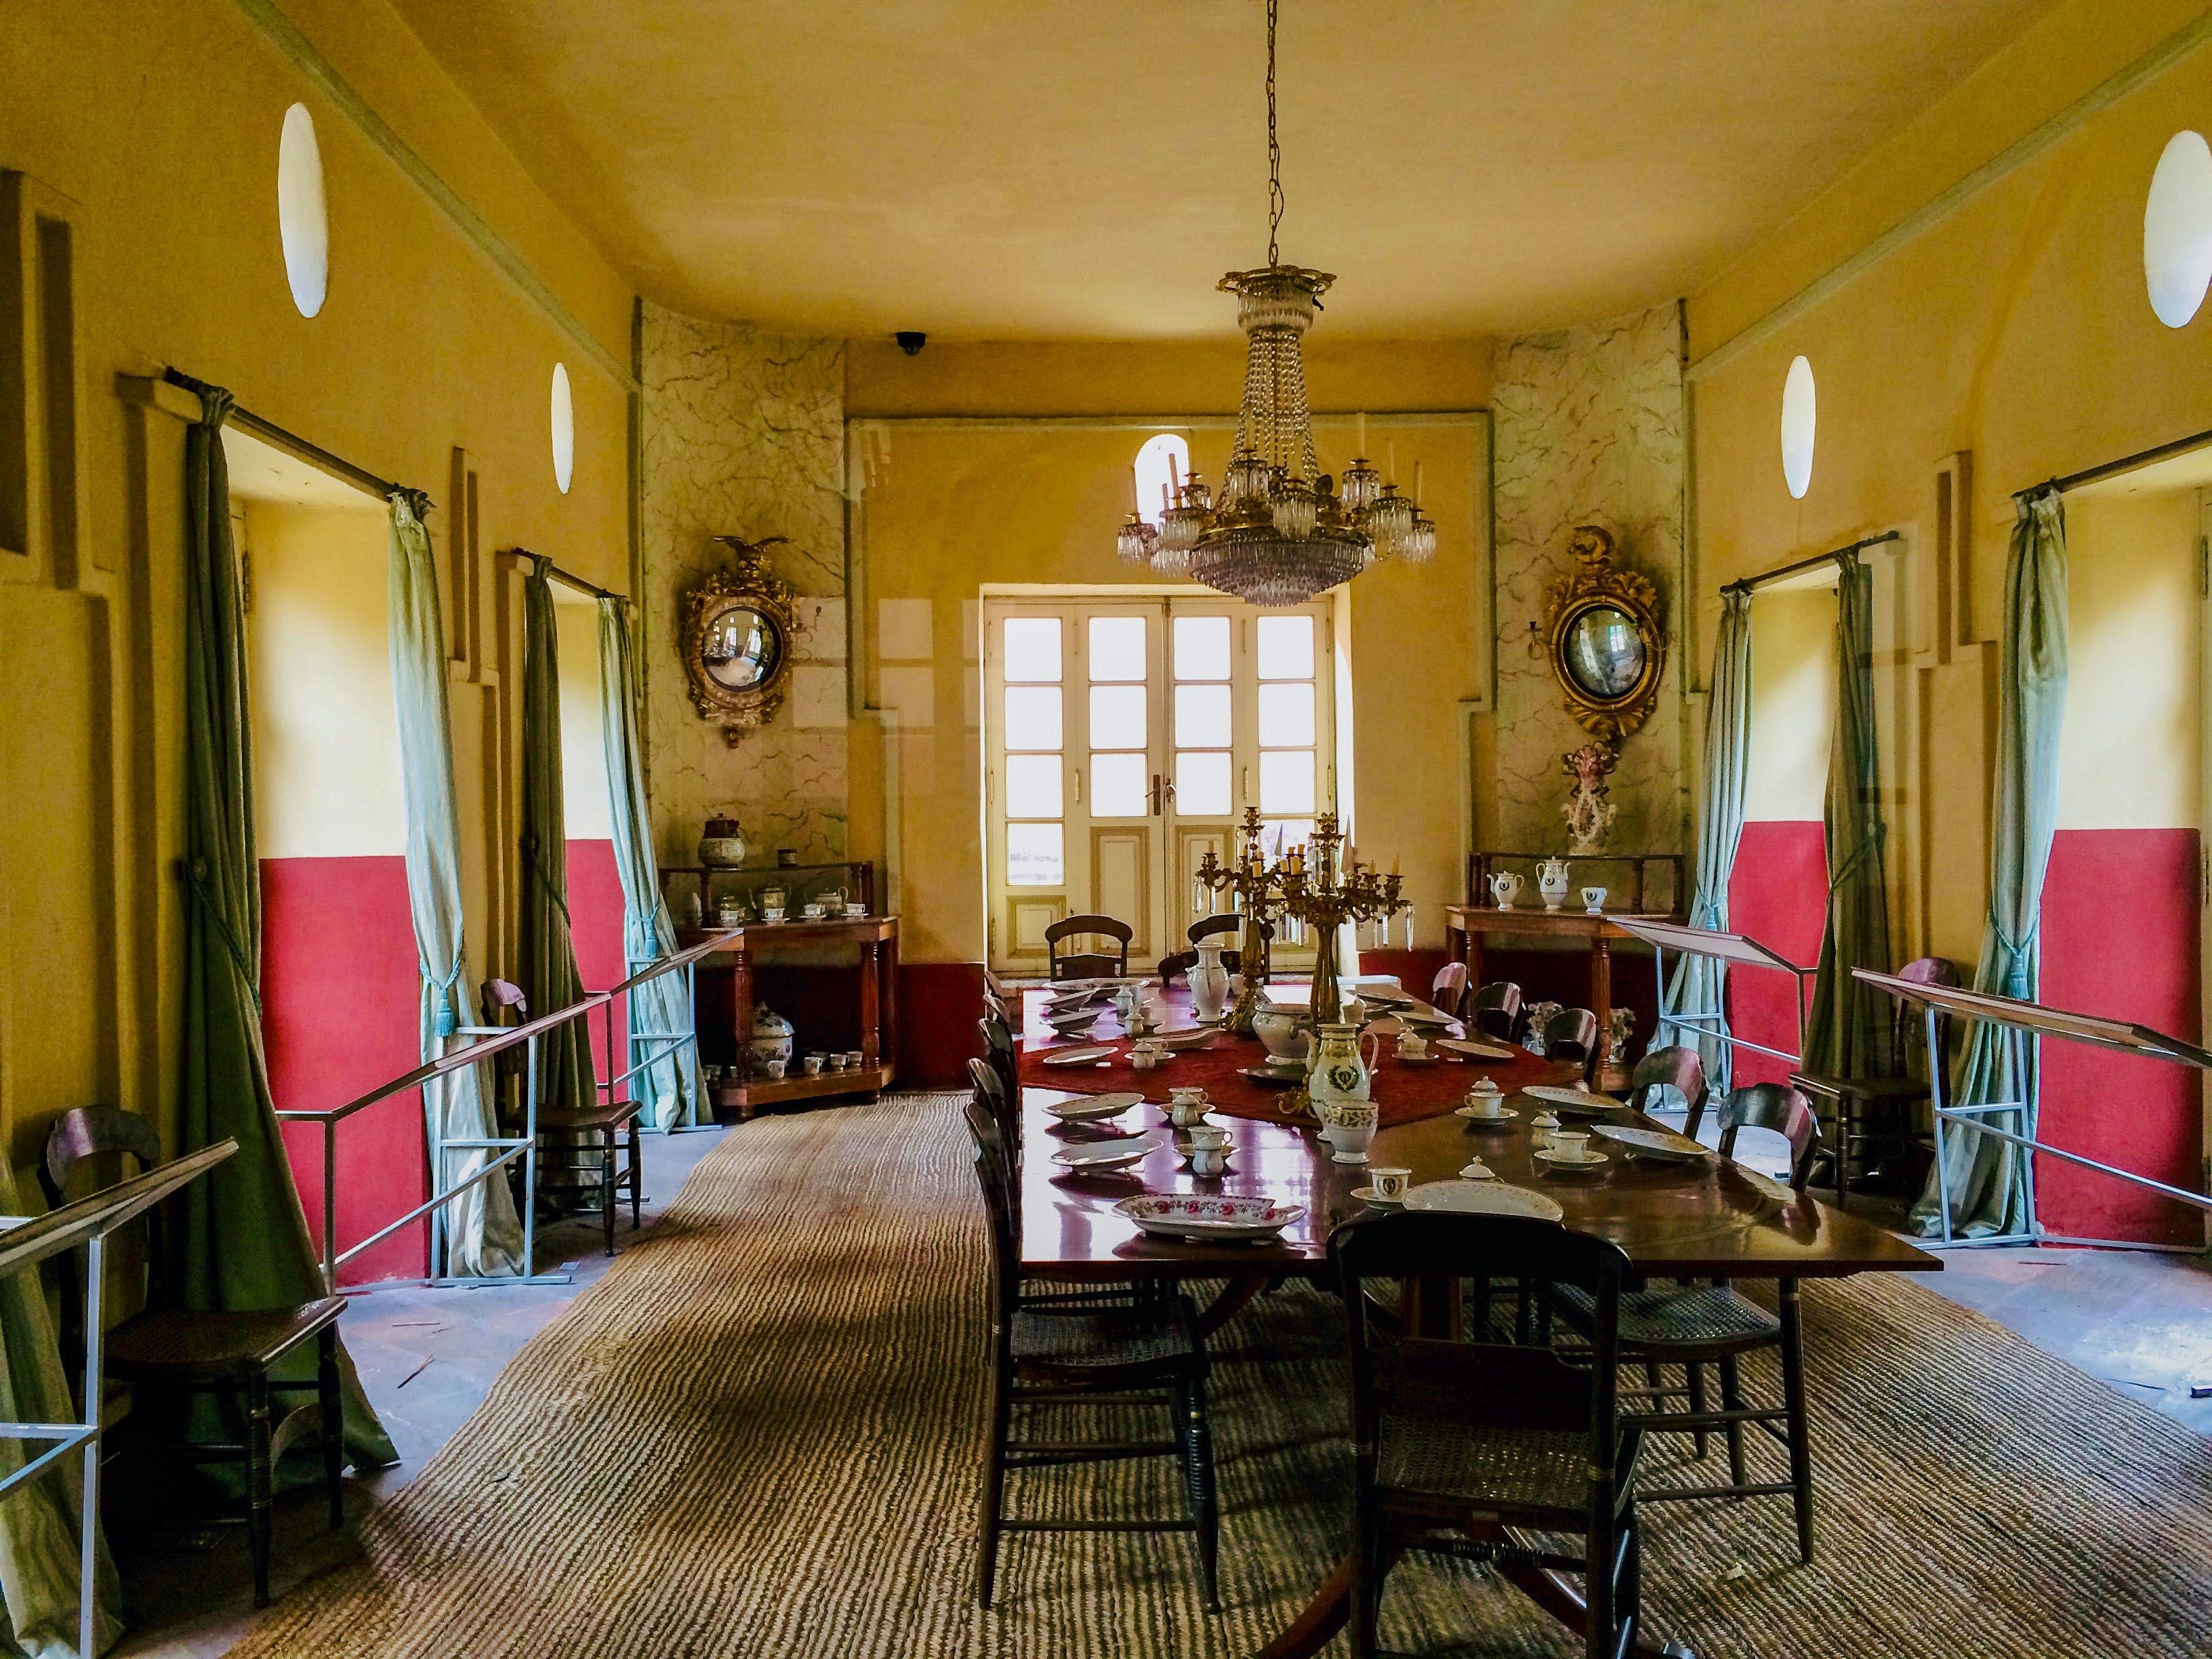 Casa Museo Quinta de Bolívar | Bogotá, Colombia Attractions - Lonely Planet